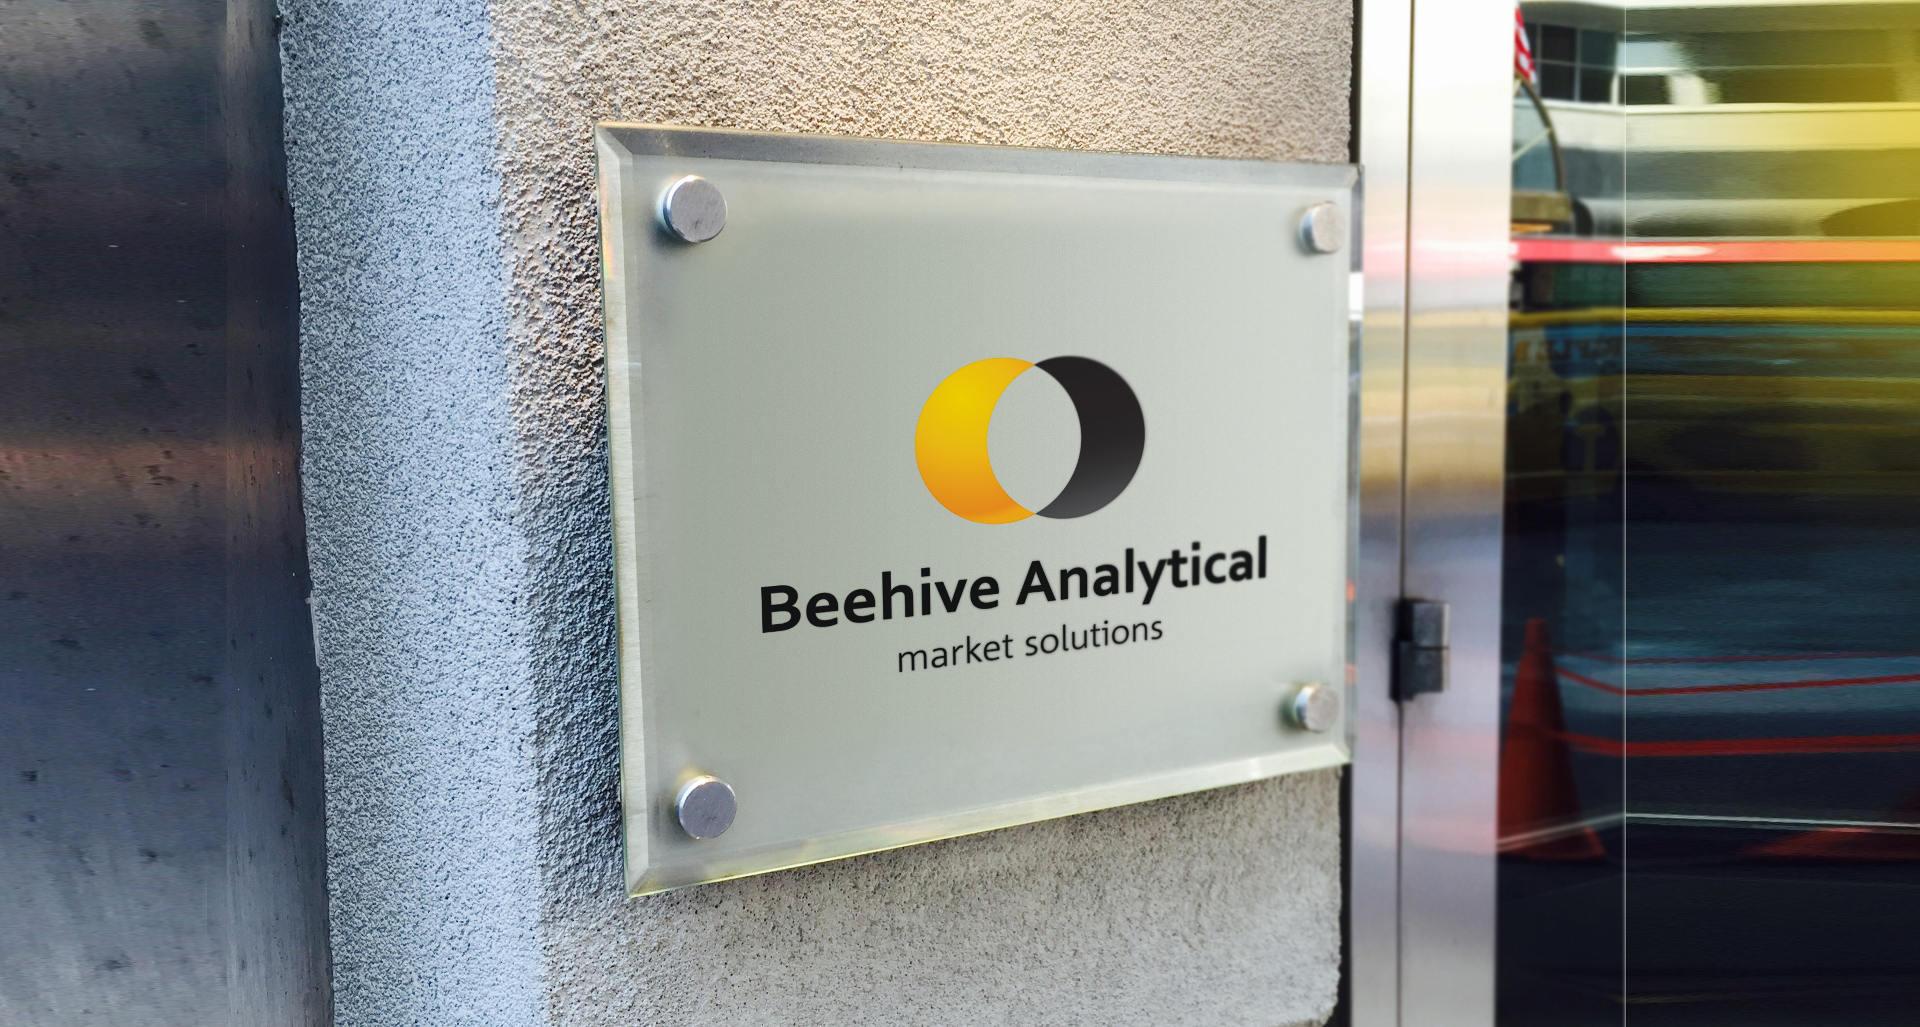 Finance company outdoor sign design, Дизайн вівески финансовой компании